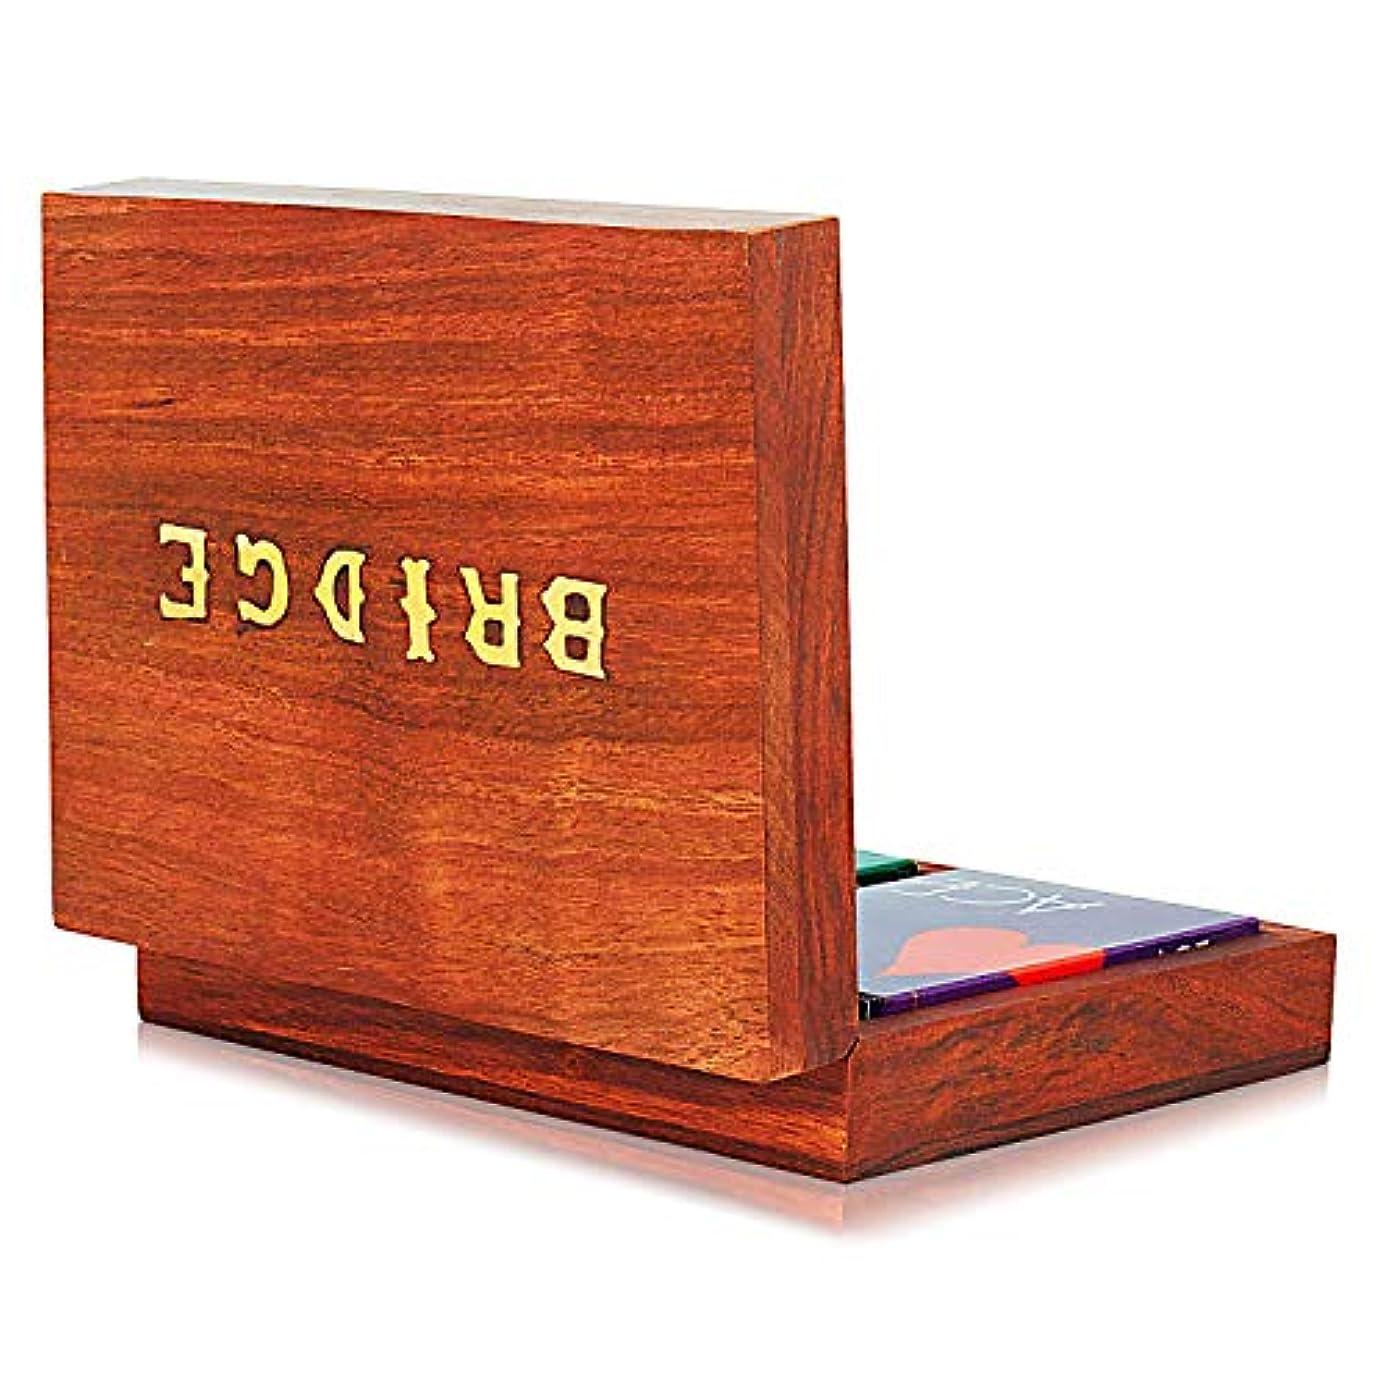 コインペイン第四The Great Indian Bazaar 手作り木製ブリッジトランプ ホルダー デッキボックス 収納ケース オーガナイザー 2セット 高品質 「Ace」トランプ 記念日 新築祝い ギフト 彼氏 彼女